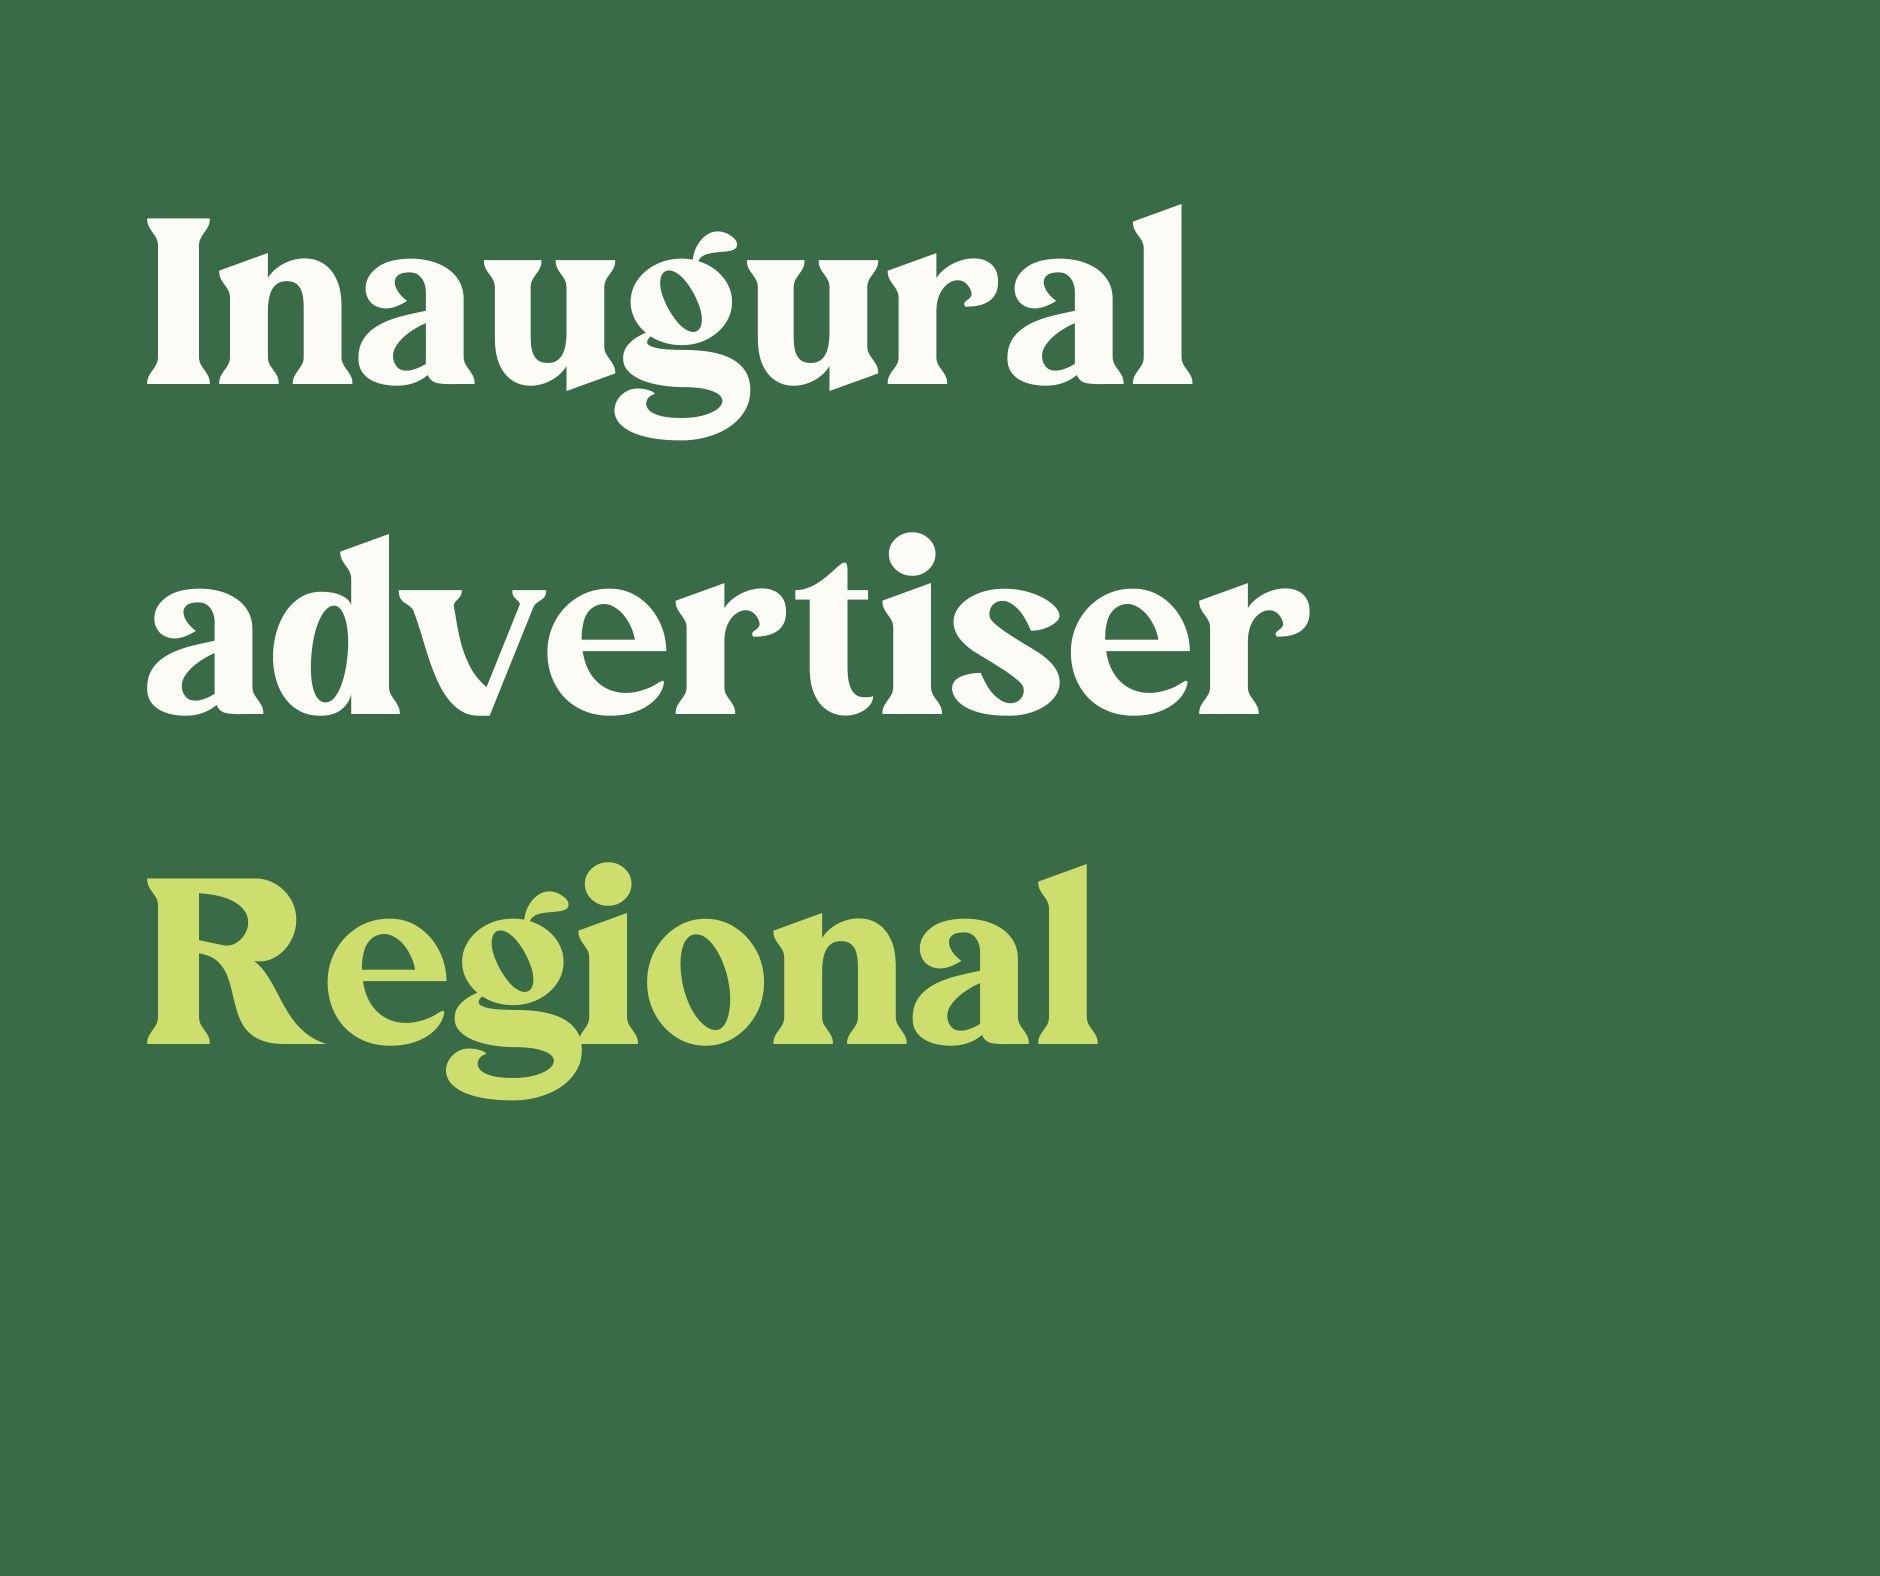 Inaugural Advertiser- Regional